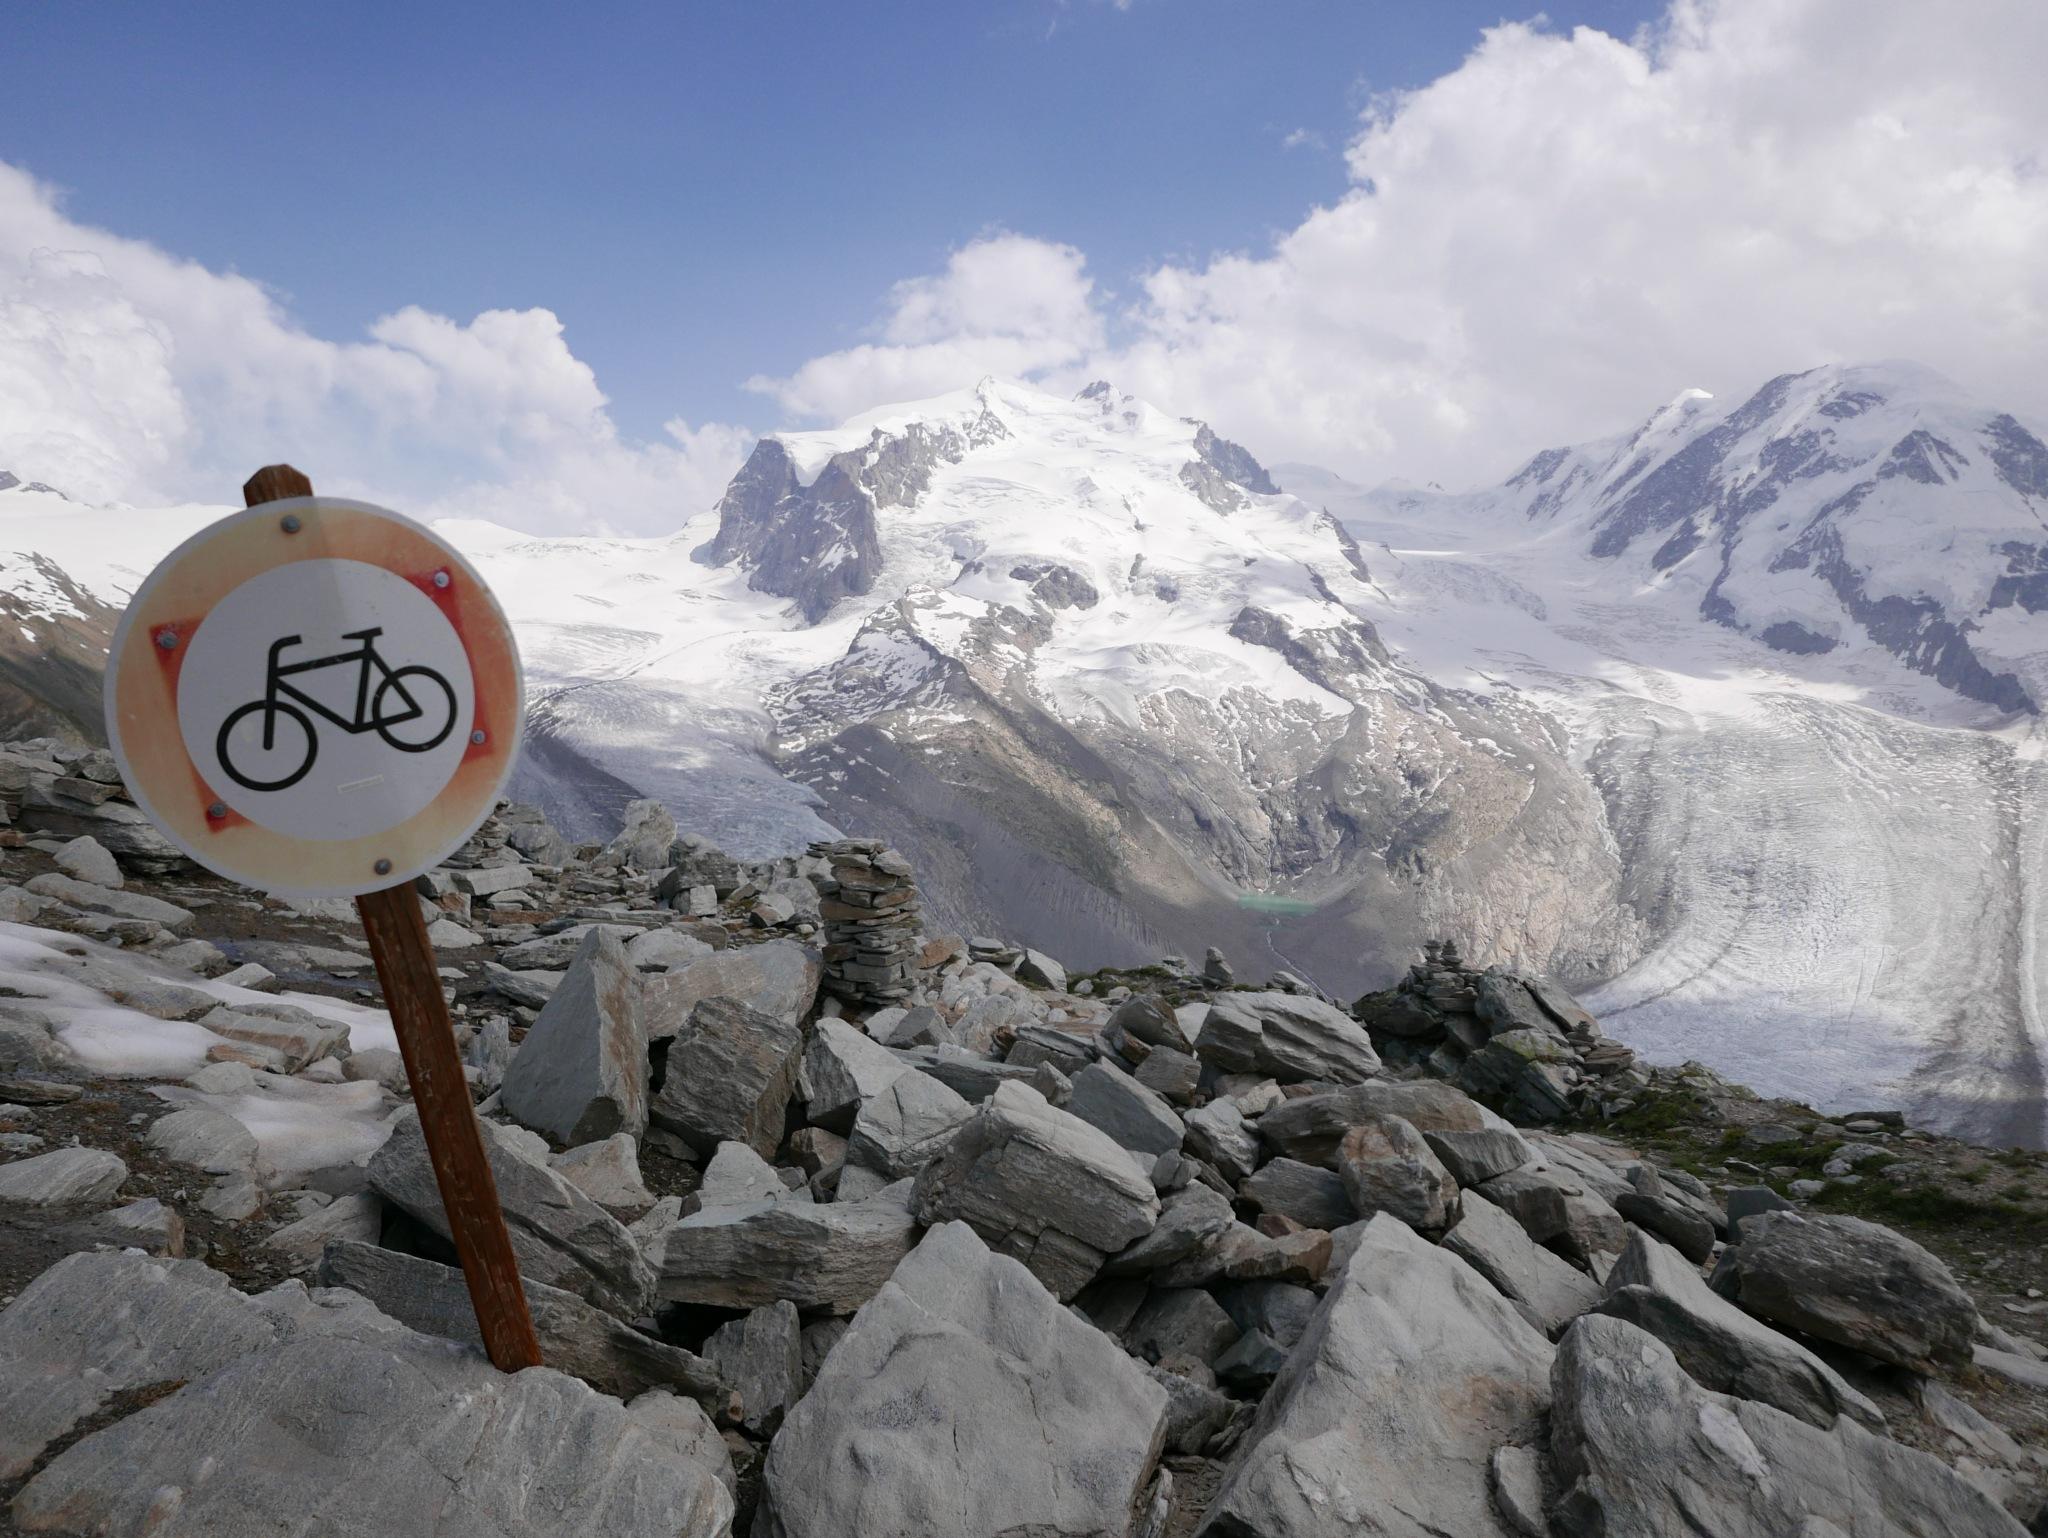 Das ist das Ende vom Radfahren. by percy ottinger